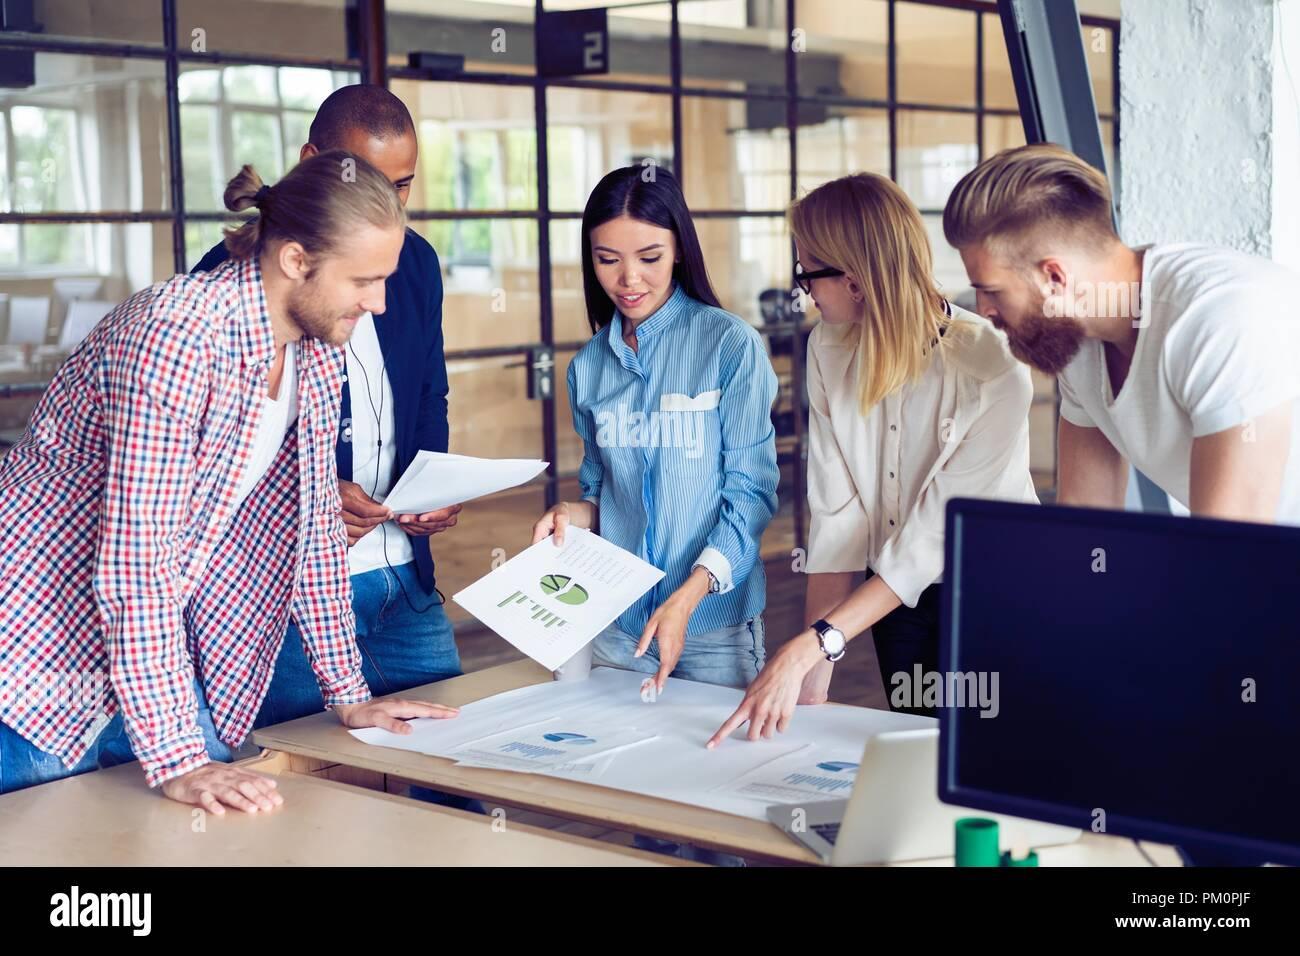 L'équipe de succès. Groupe de jeunes gens d'affaires travailler et communiquer ensemble dans creative office. Photo Stock